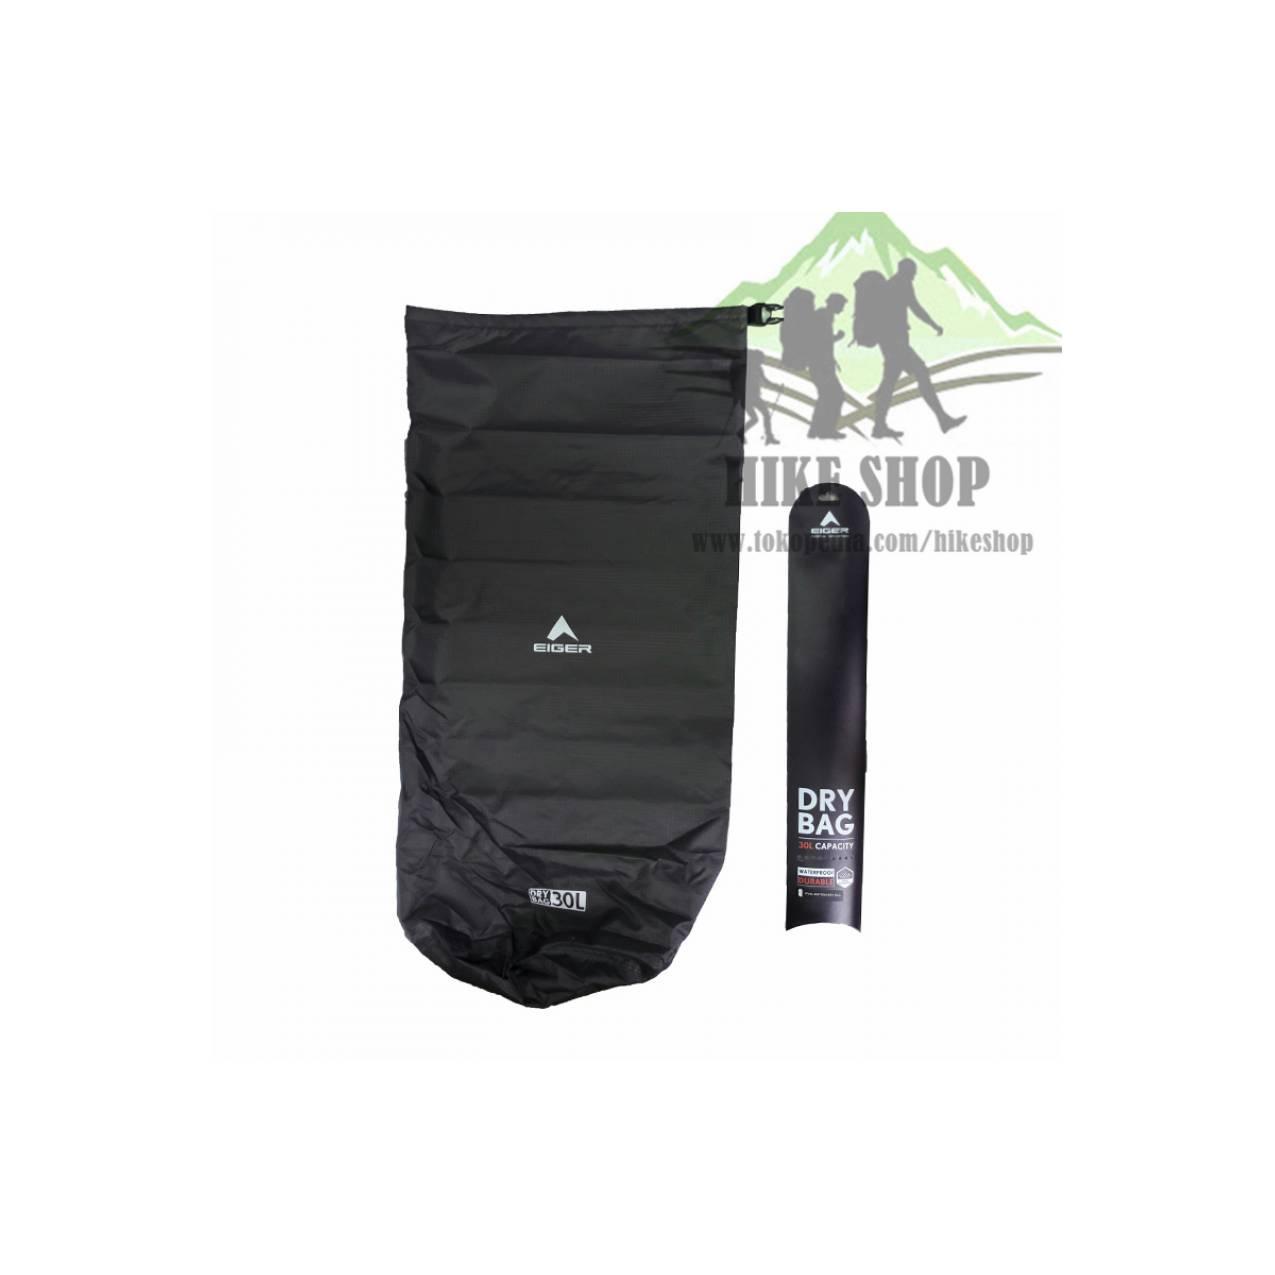 DRY BAG EIGER 30L ART 910003452 003 OLI - WATERPROOF